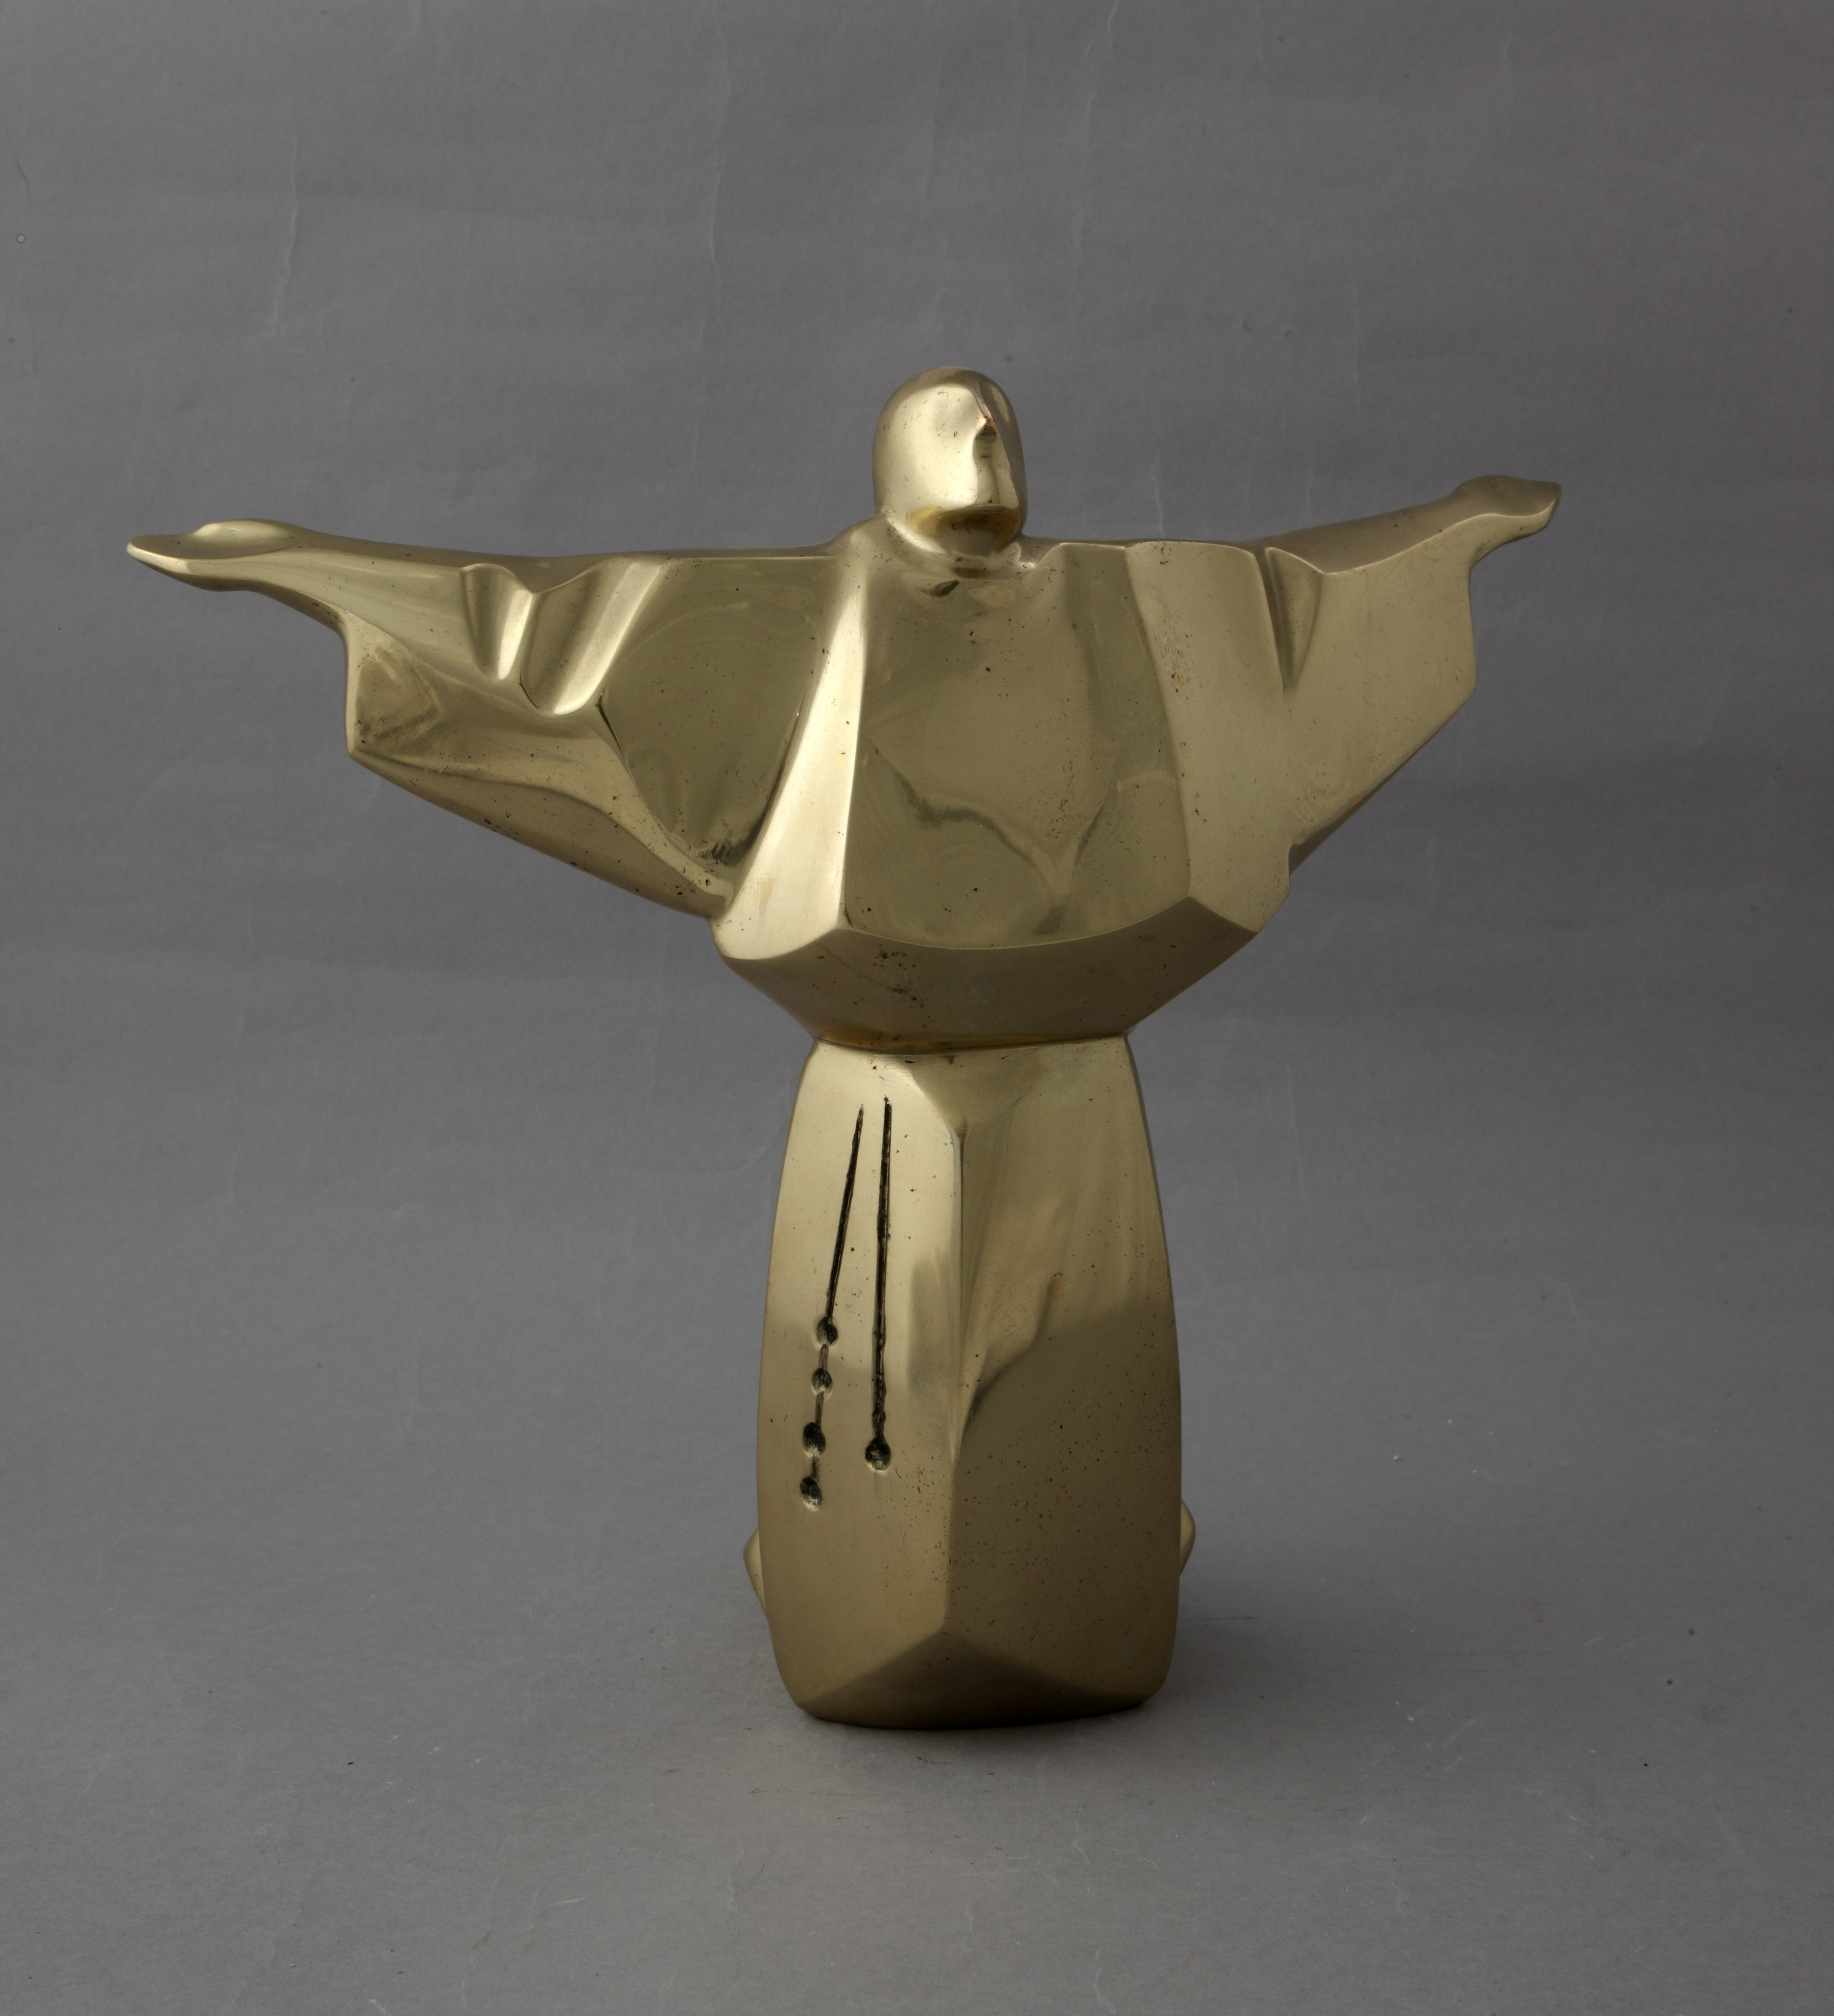 Tomislav Ostoja, sveti Franjo, brončani odljev, bronca, 28,5 x 34 x 14 cm, inv.br. 78